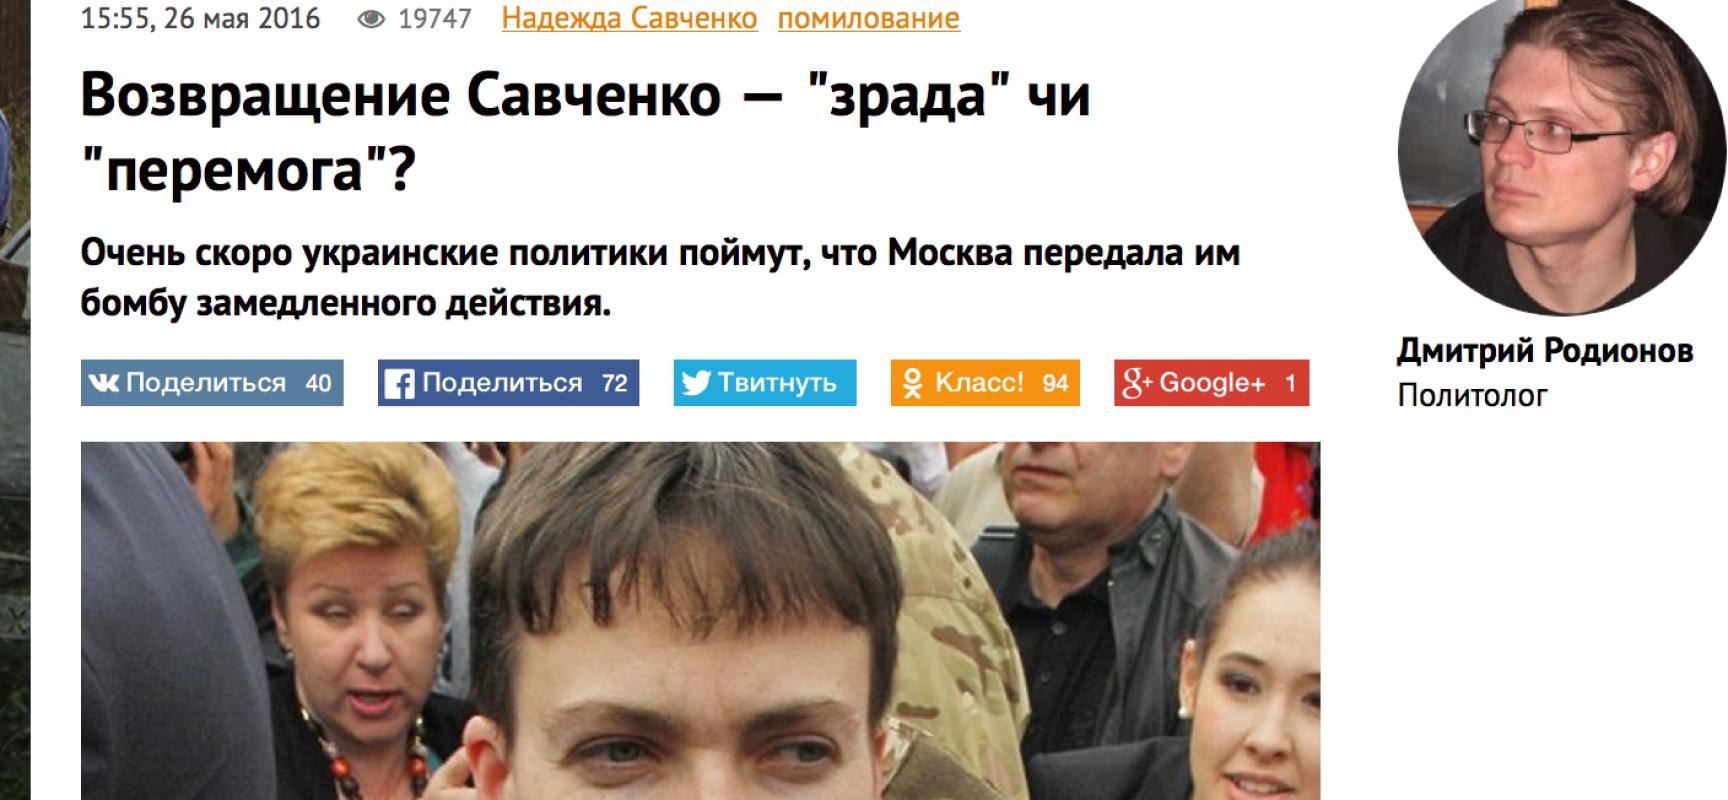 """Fake : Savchenko promette di """"uccidere i russi"""""""